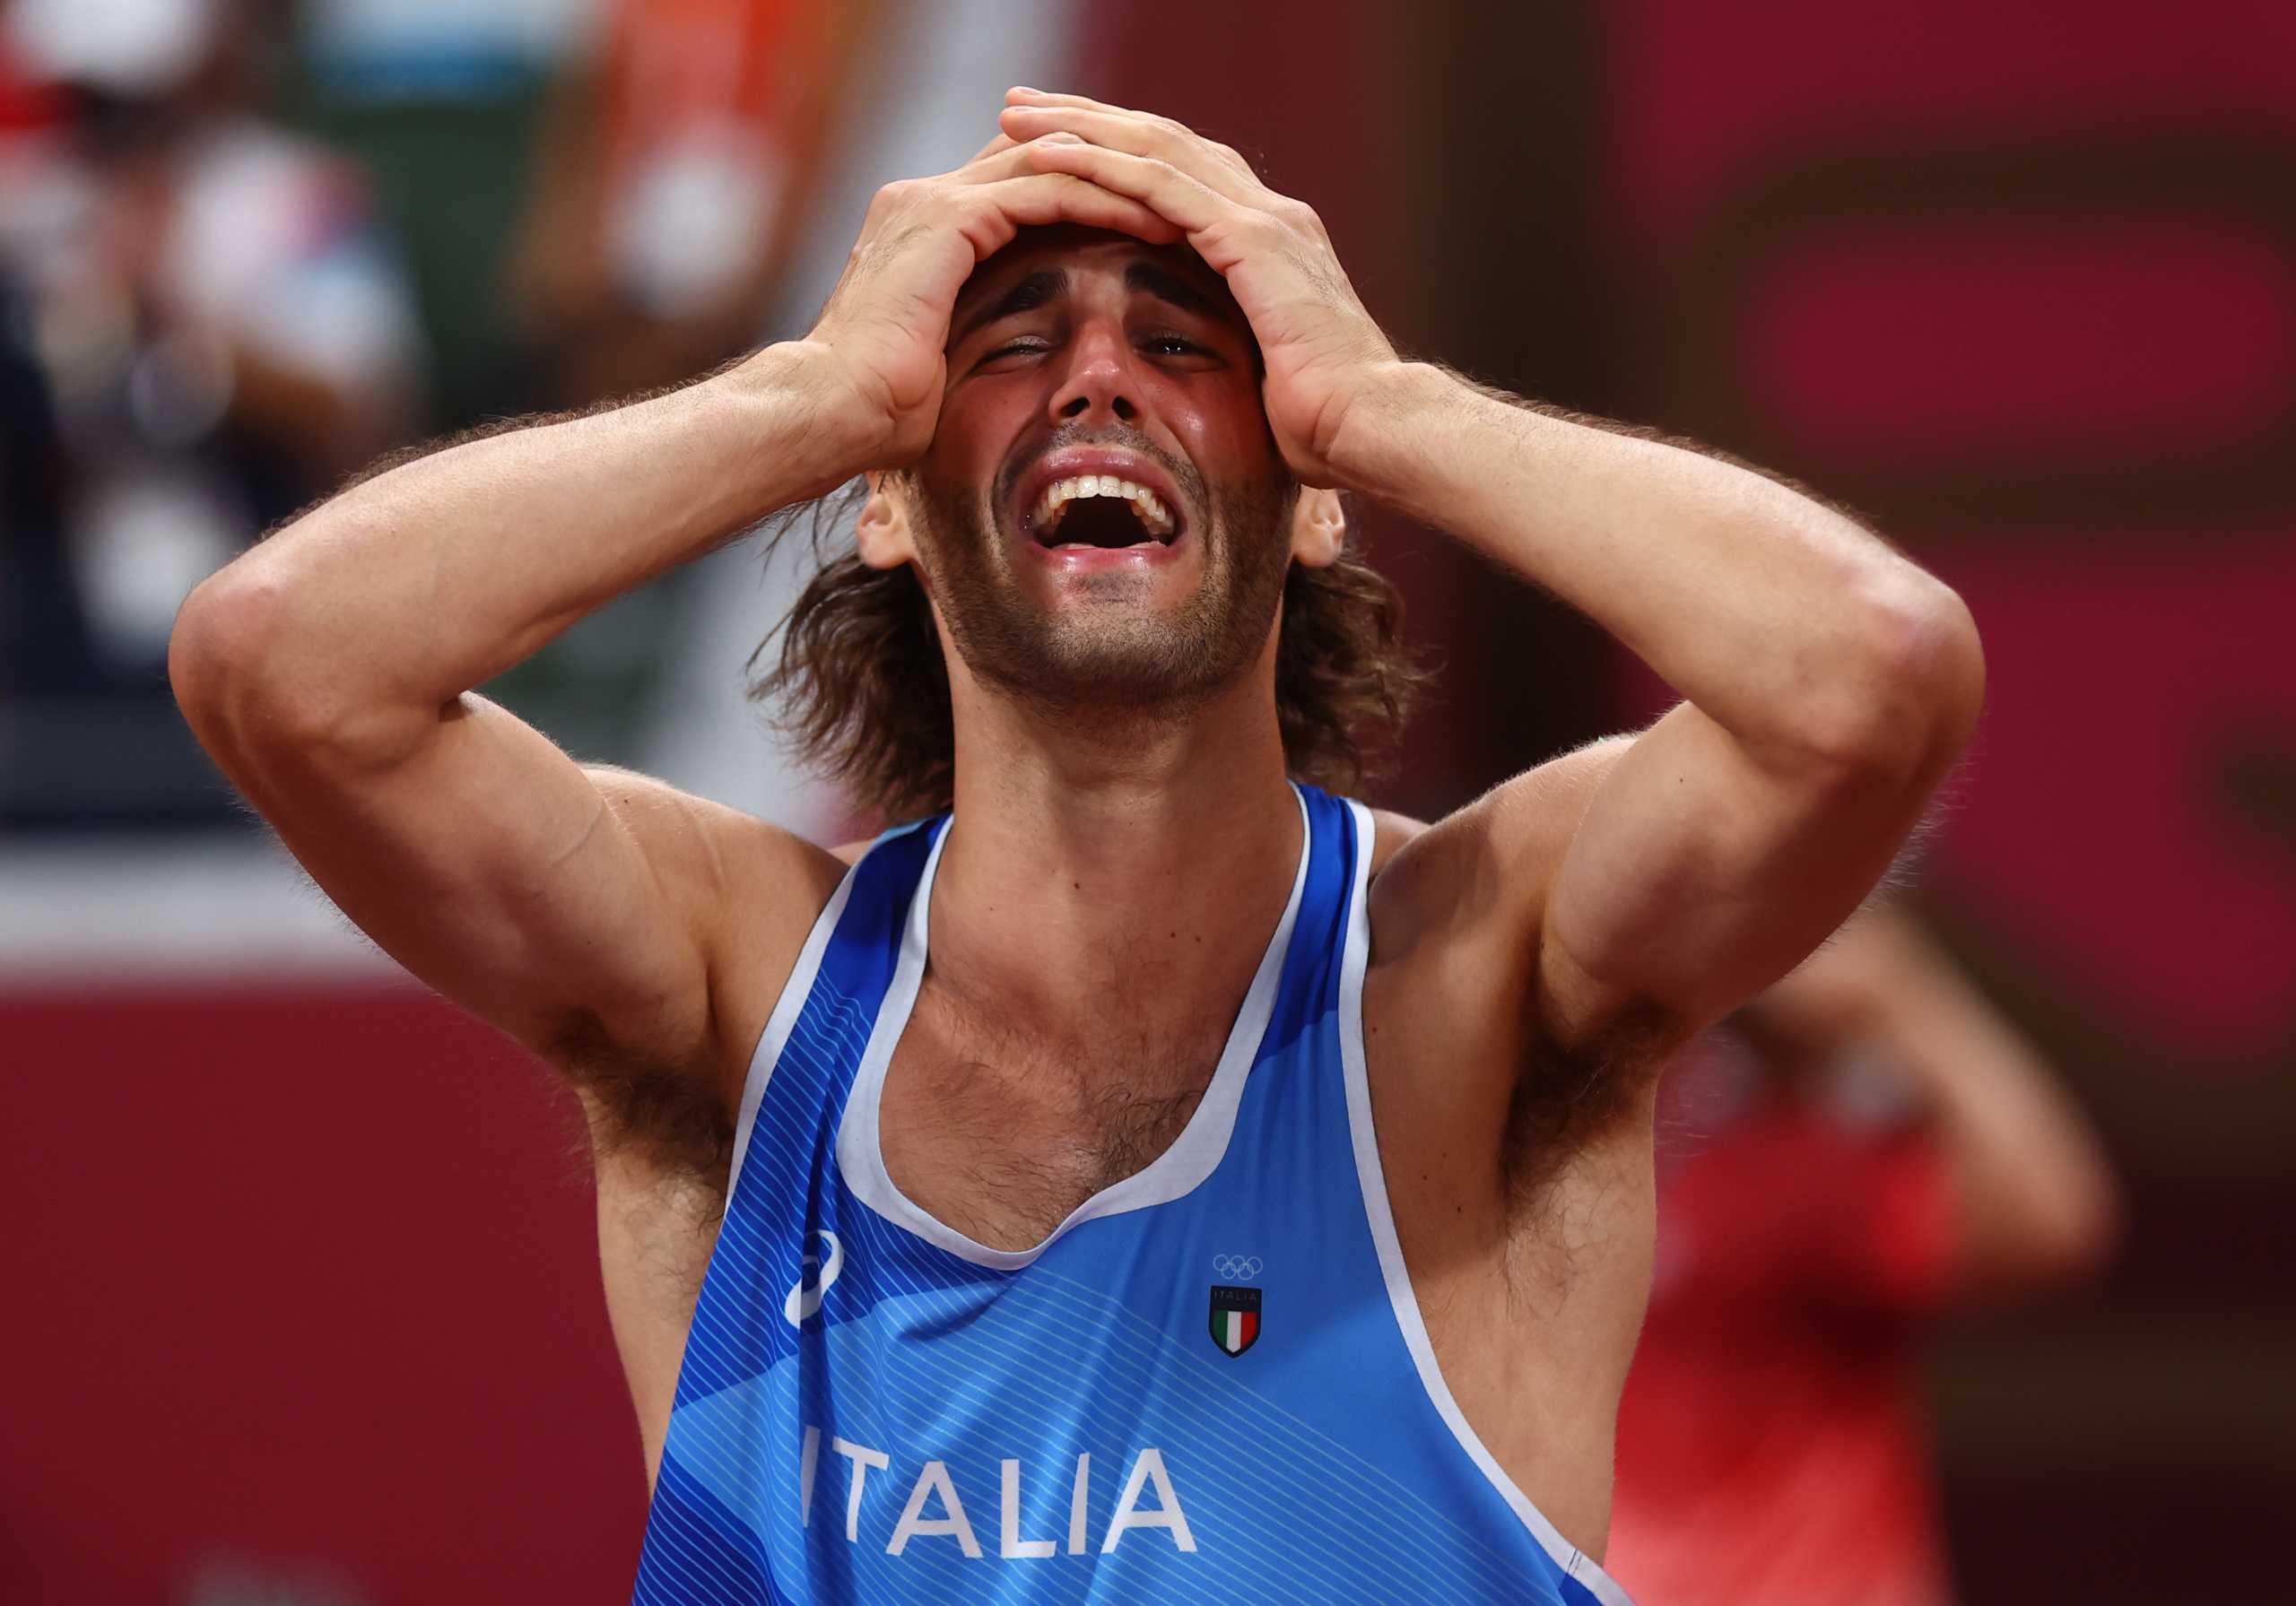 Ολυμπιακοί Αγώνες: Μοιράστηκαν το χρυσό μετάλλιο οι Ταμπέρι και Μπαρσίμ στον συγκλονιστικό τελικό του ύψους